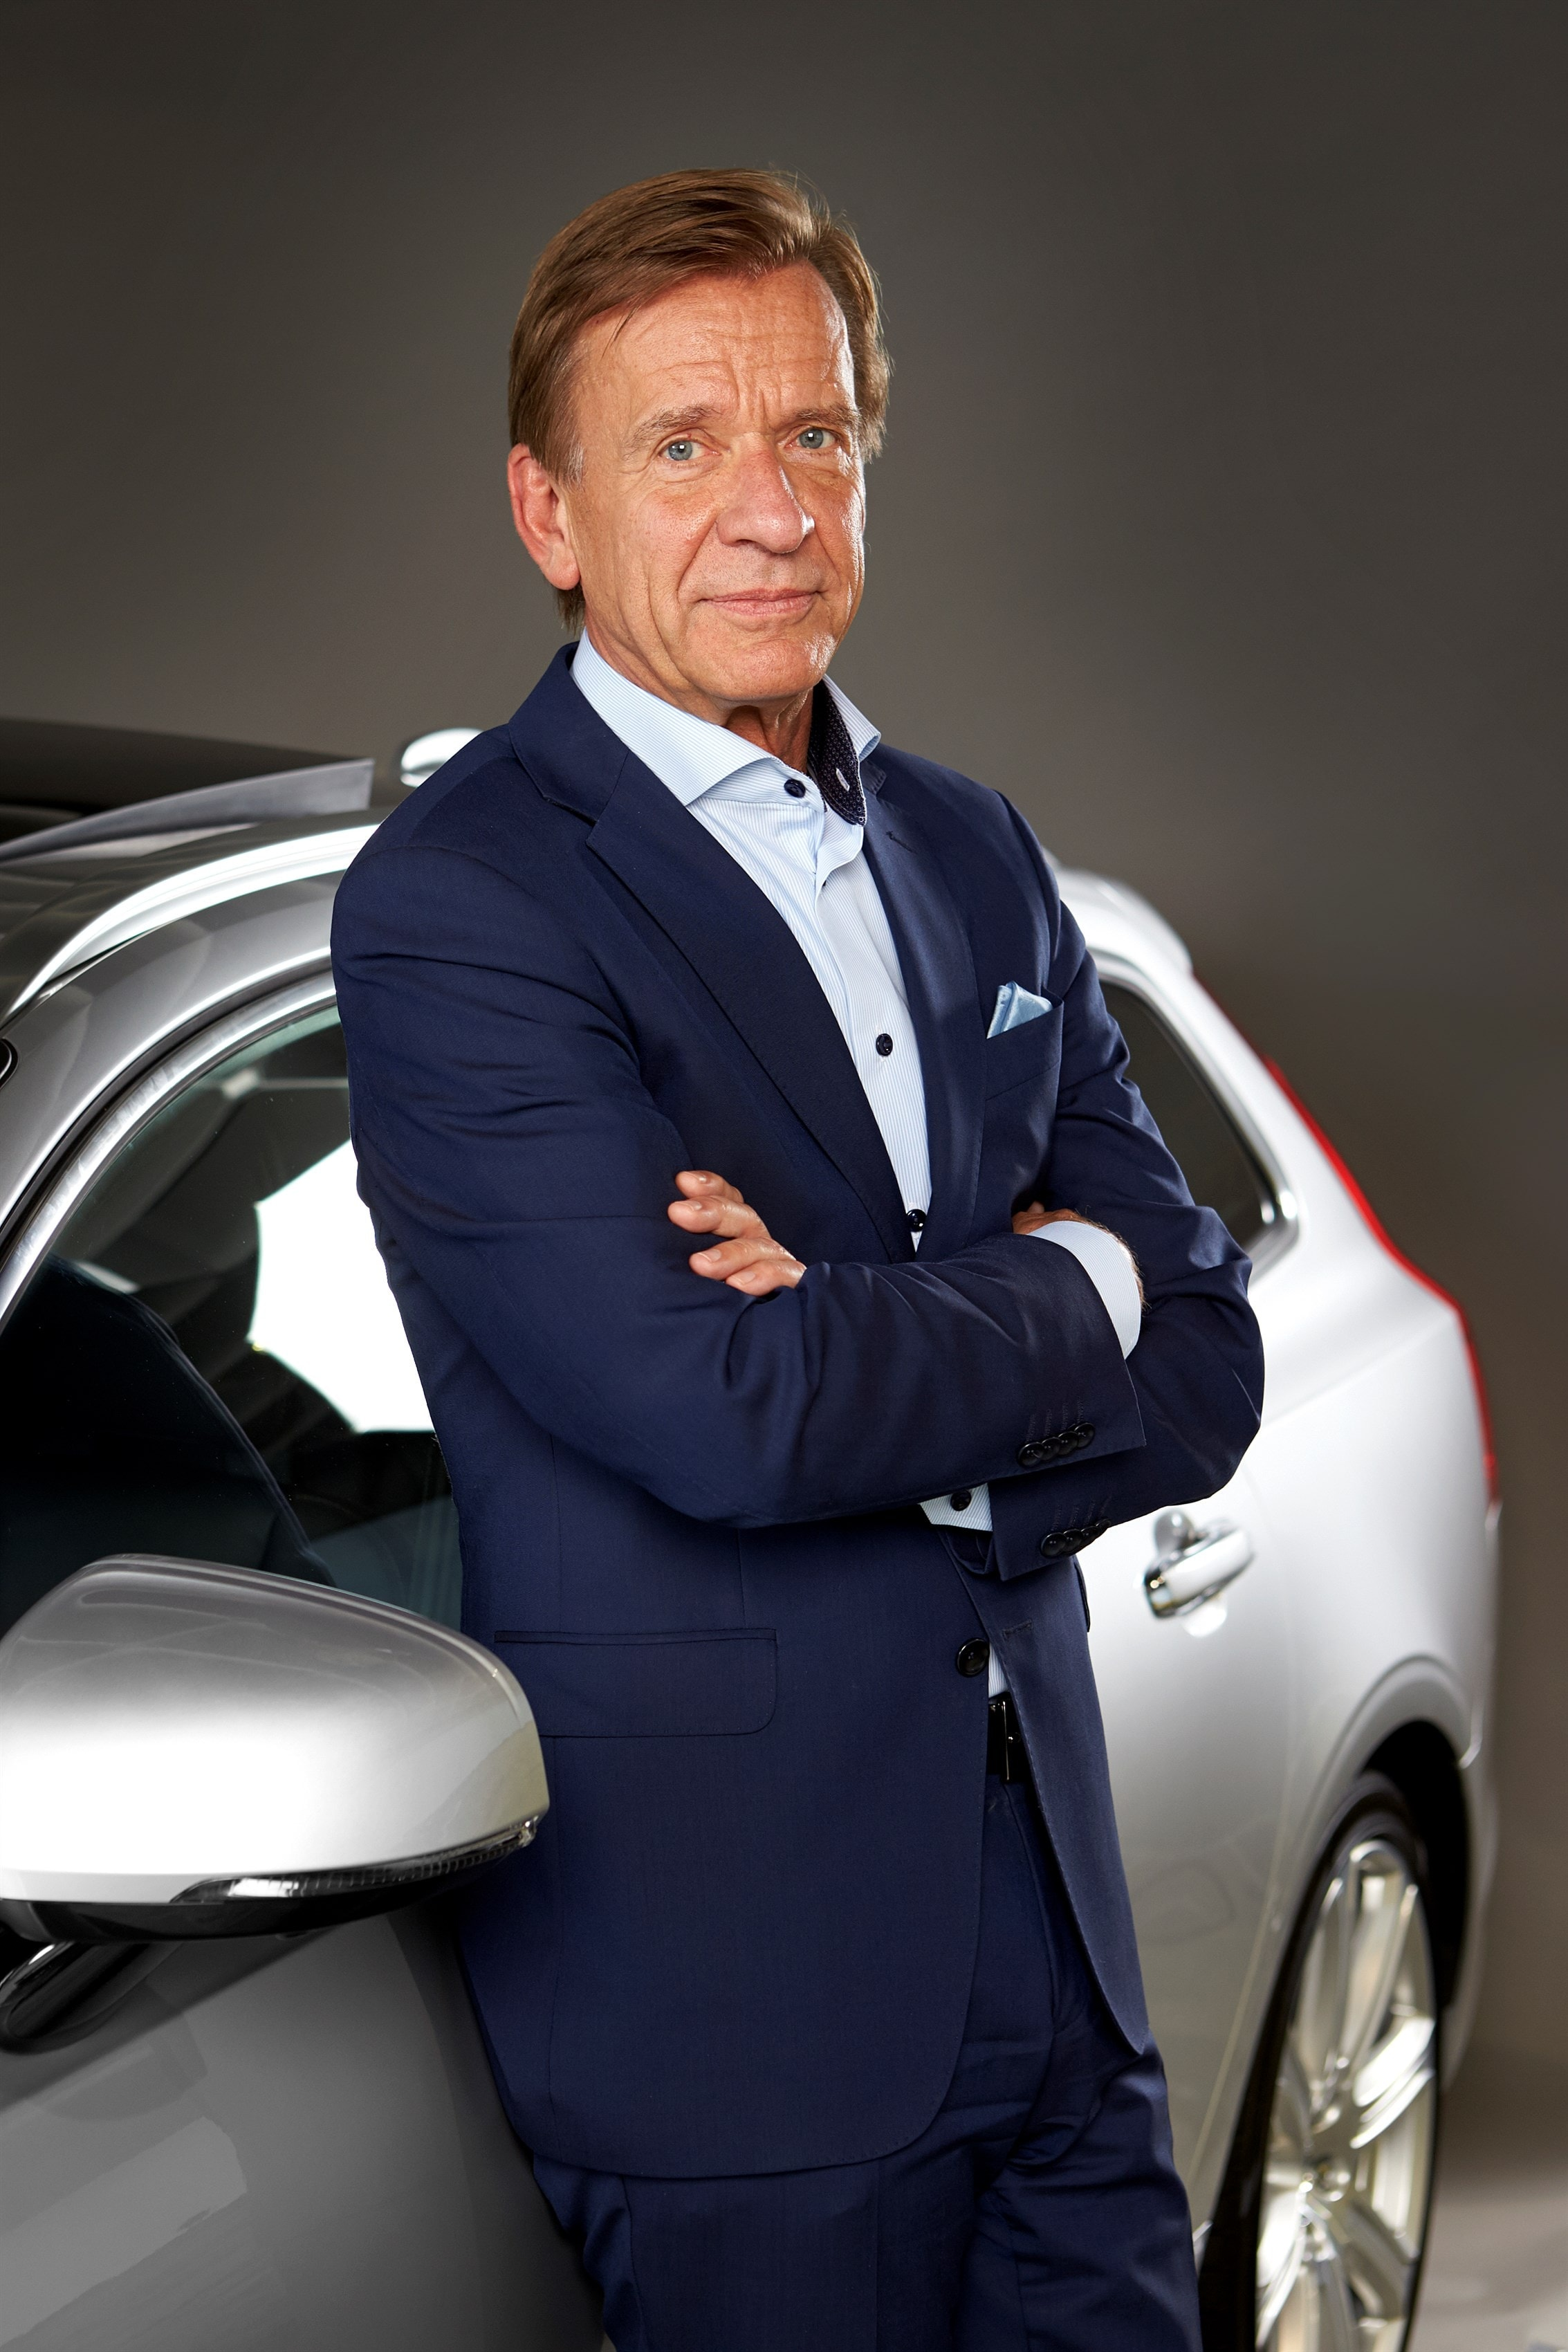 沃尔沃汽车集团首席执行官汉肯·塞缪尔森荣膺2018世界汽车年度人物